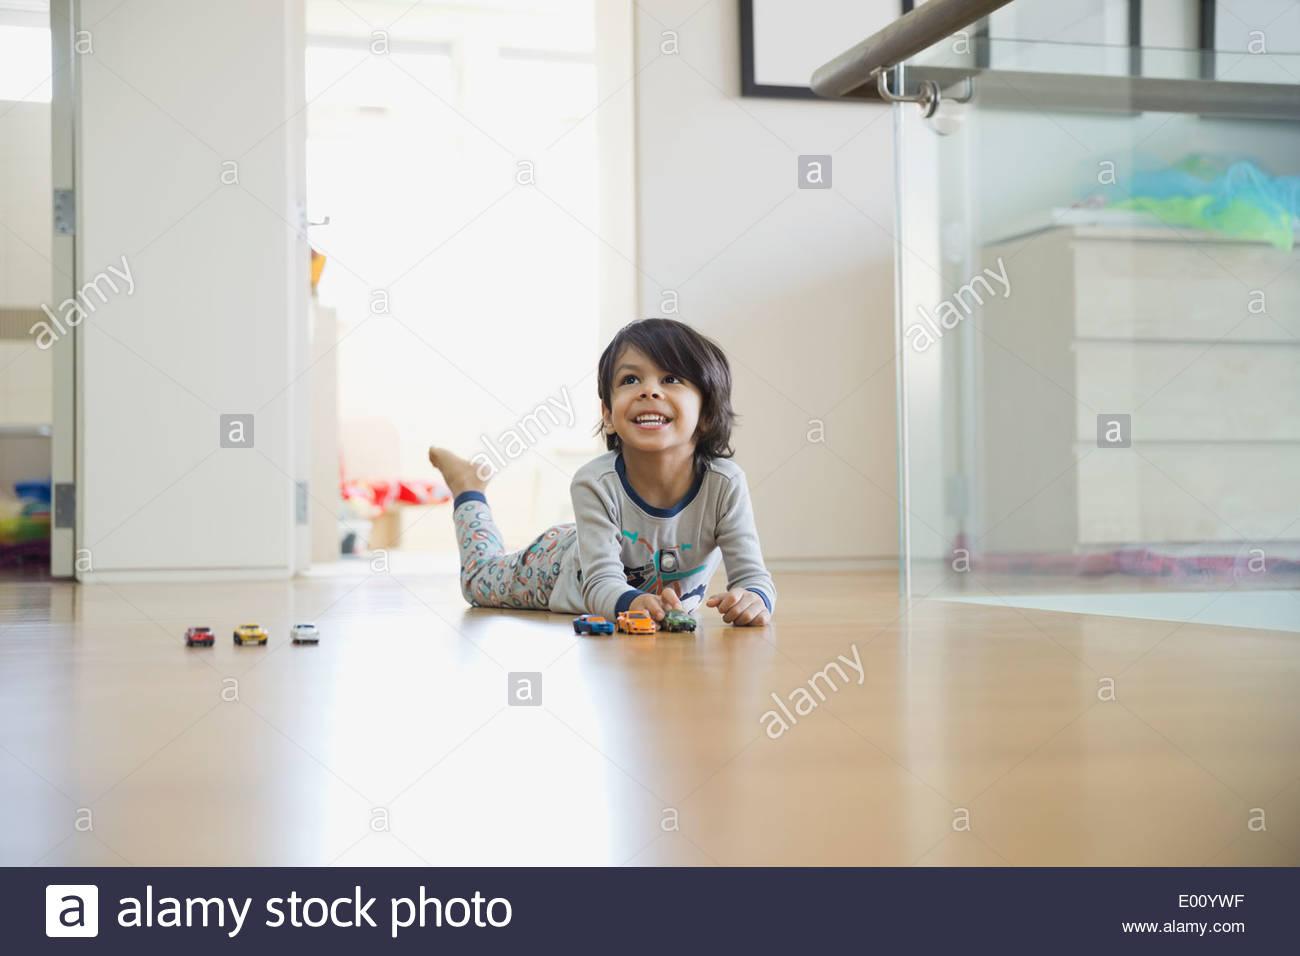 Niño jugando con coches de juguete en el piso Imagen De Stock